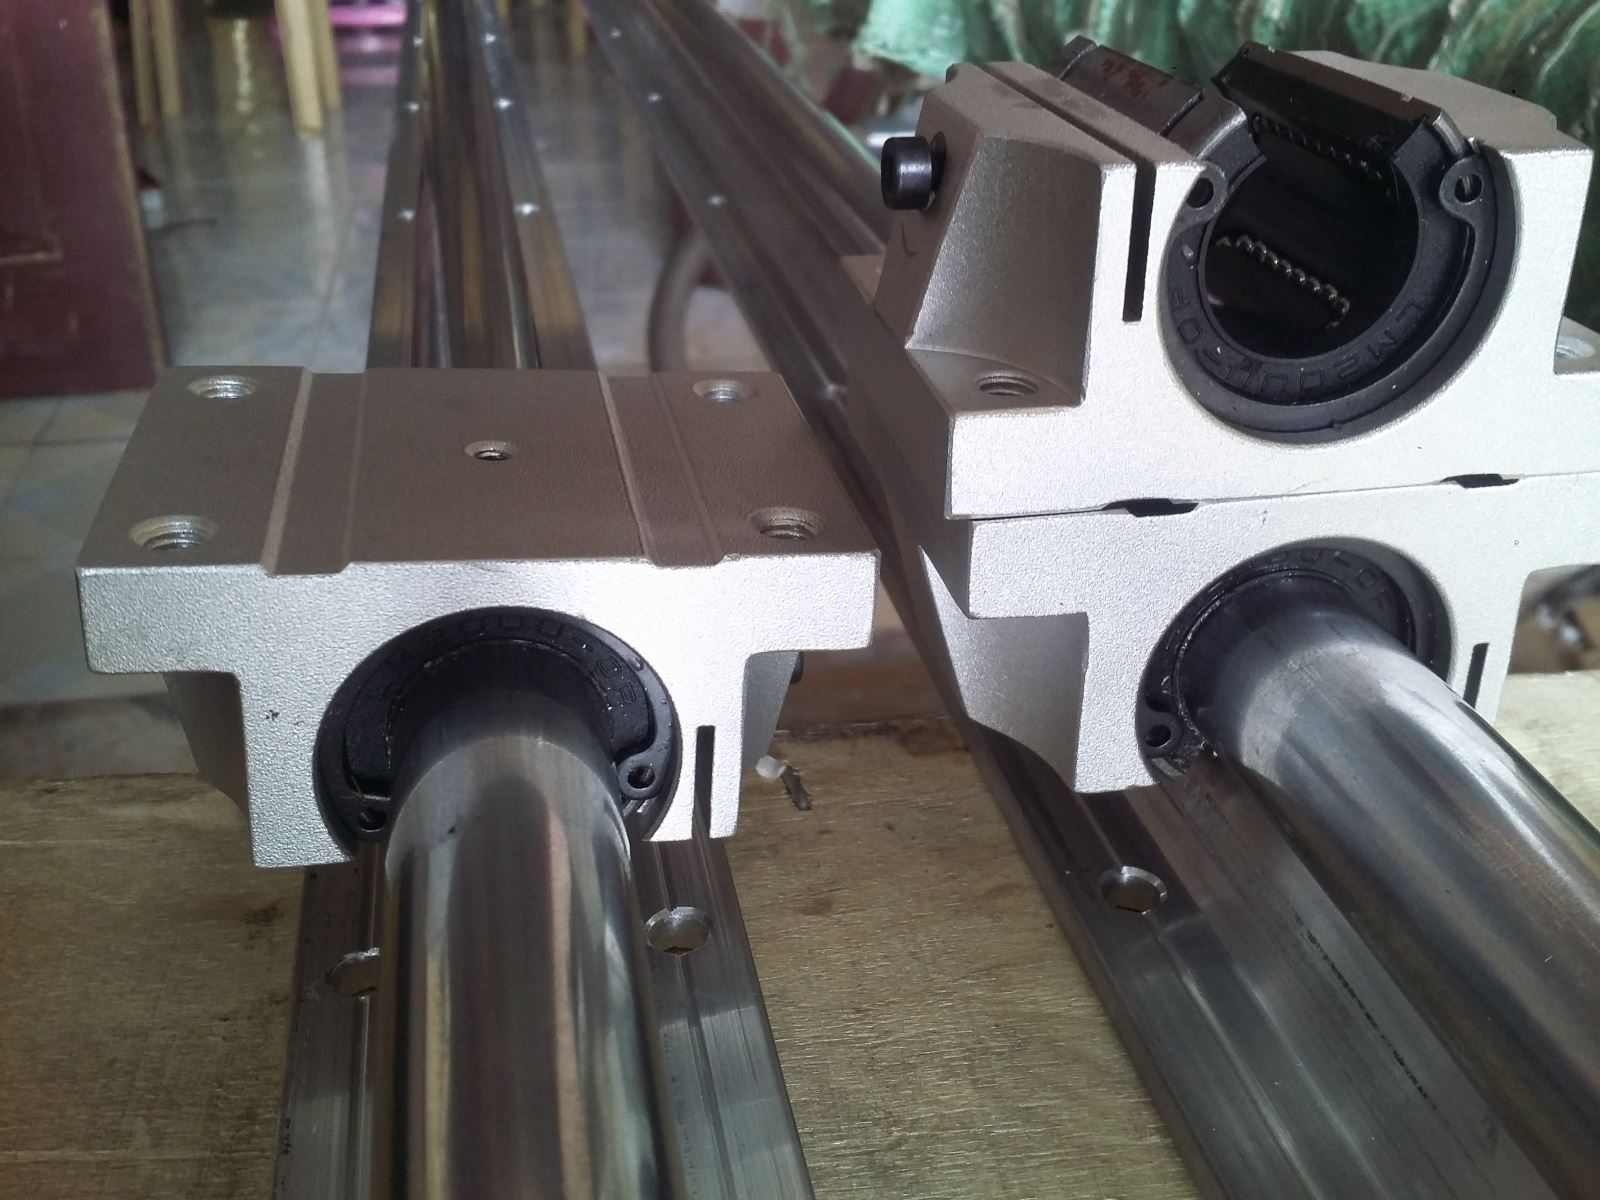 Vòng bi ống chính hãng và ứng dụng của chúng trong thiết bị